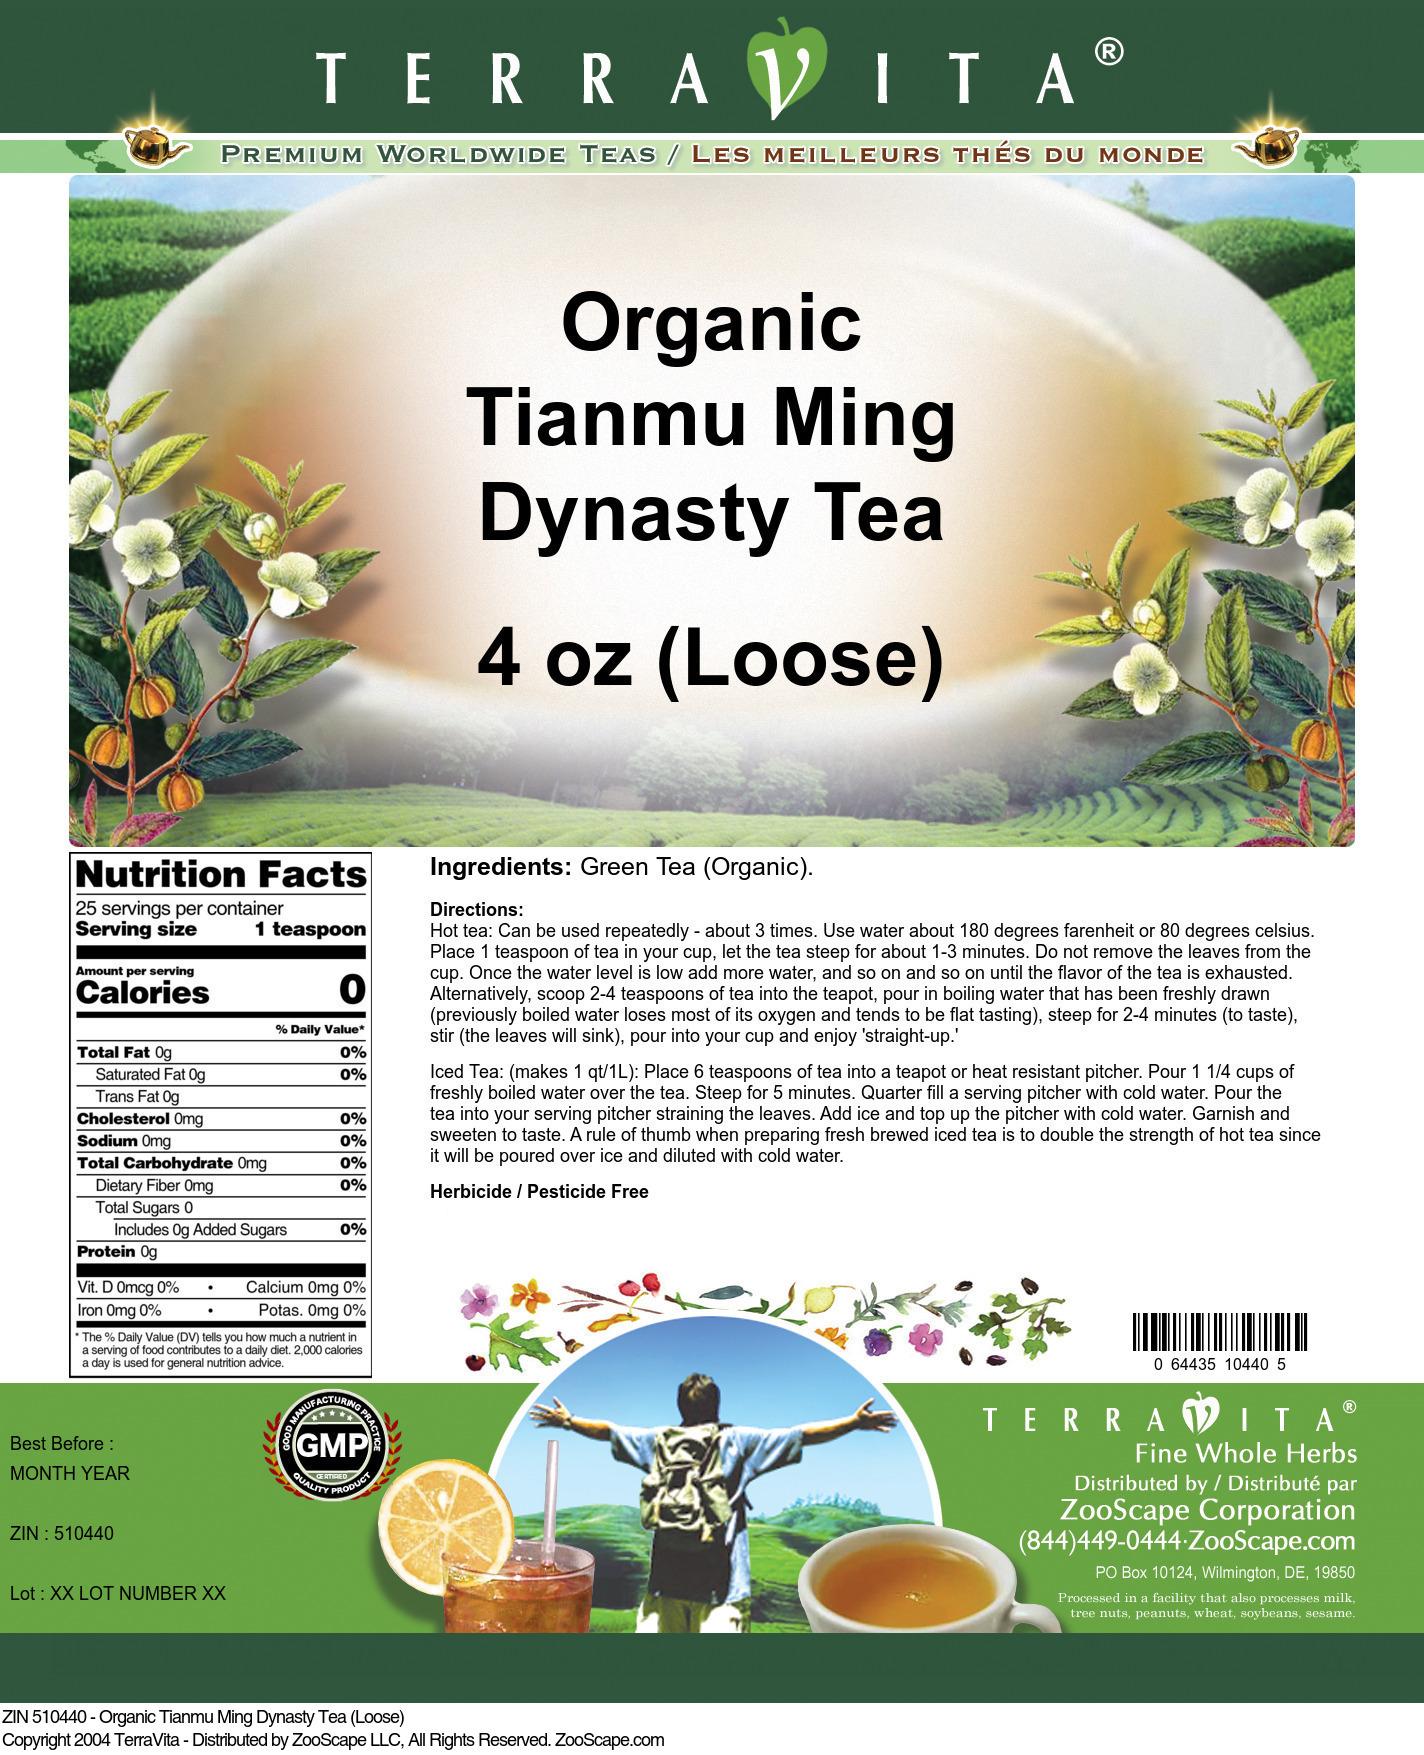 Organic Tianmu Ming Dynasty Tea (Loose)